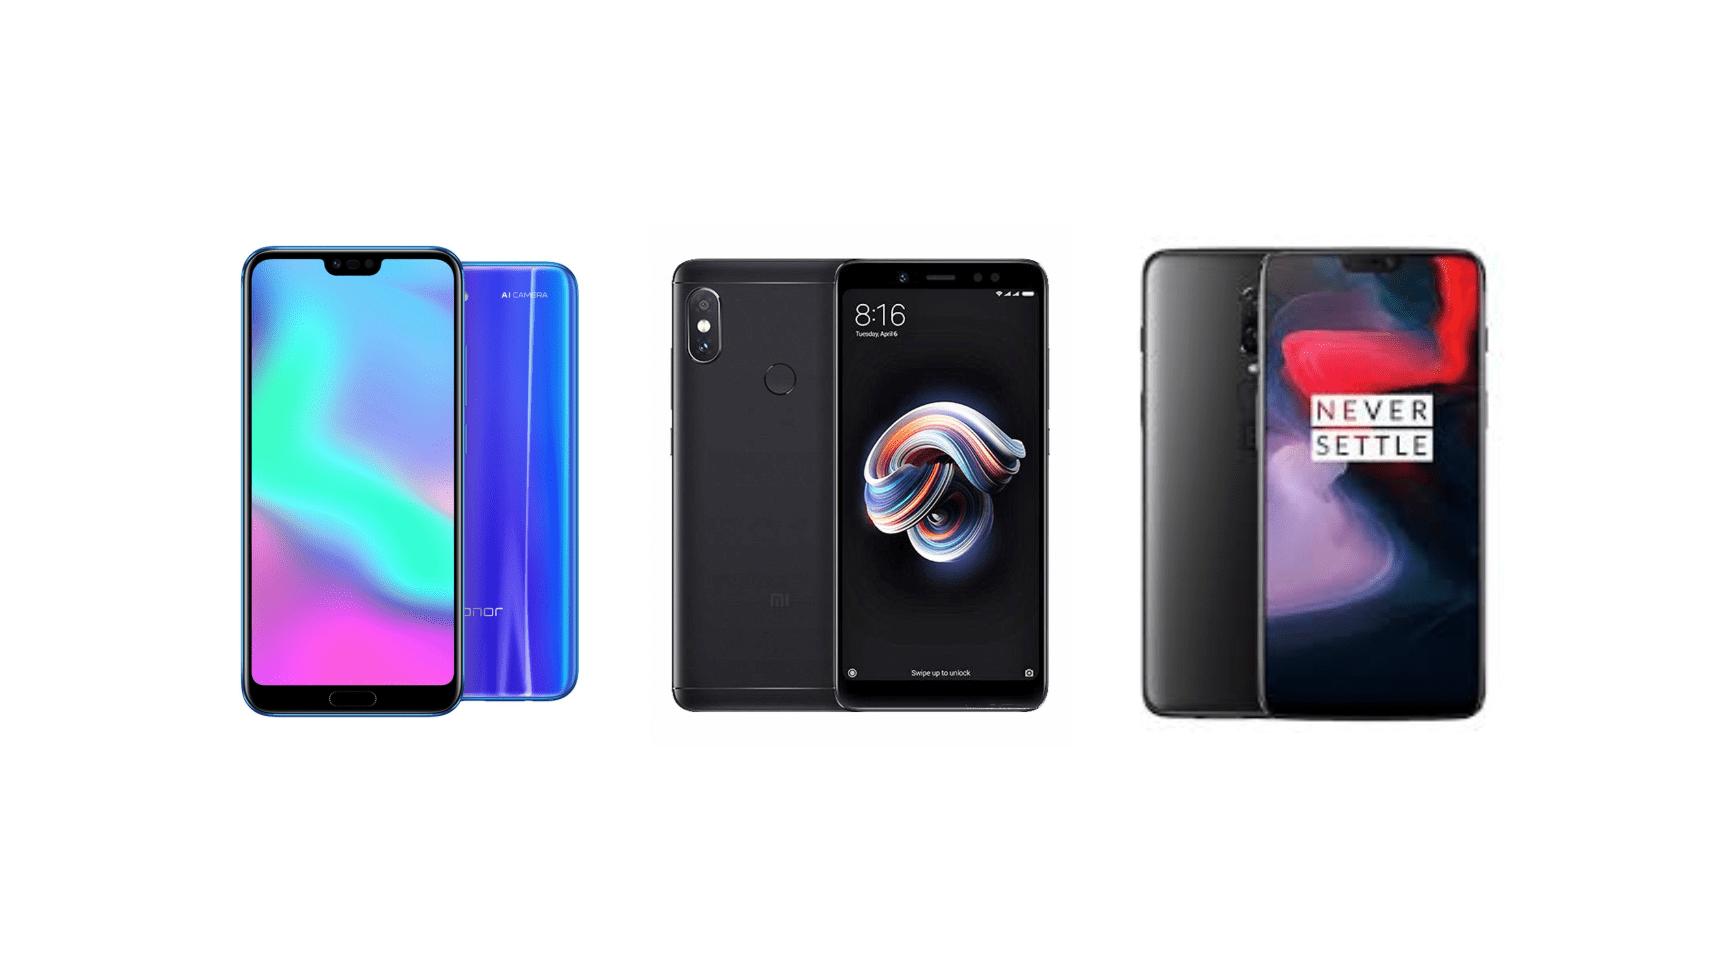 Xiaomi Redmi Note 5 à 163 euros, OnePlus 6 (128 Go) à 489 euros et Honor 10 (128 Go) à 332 euros